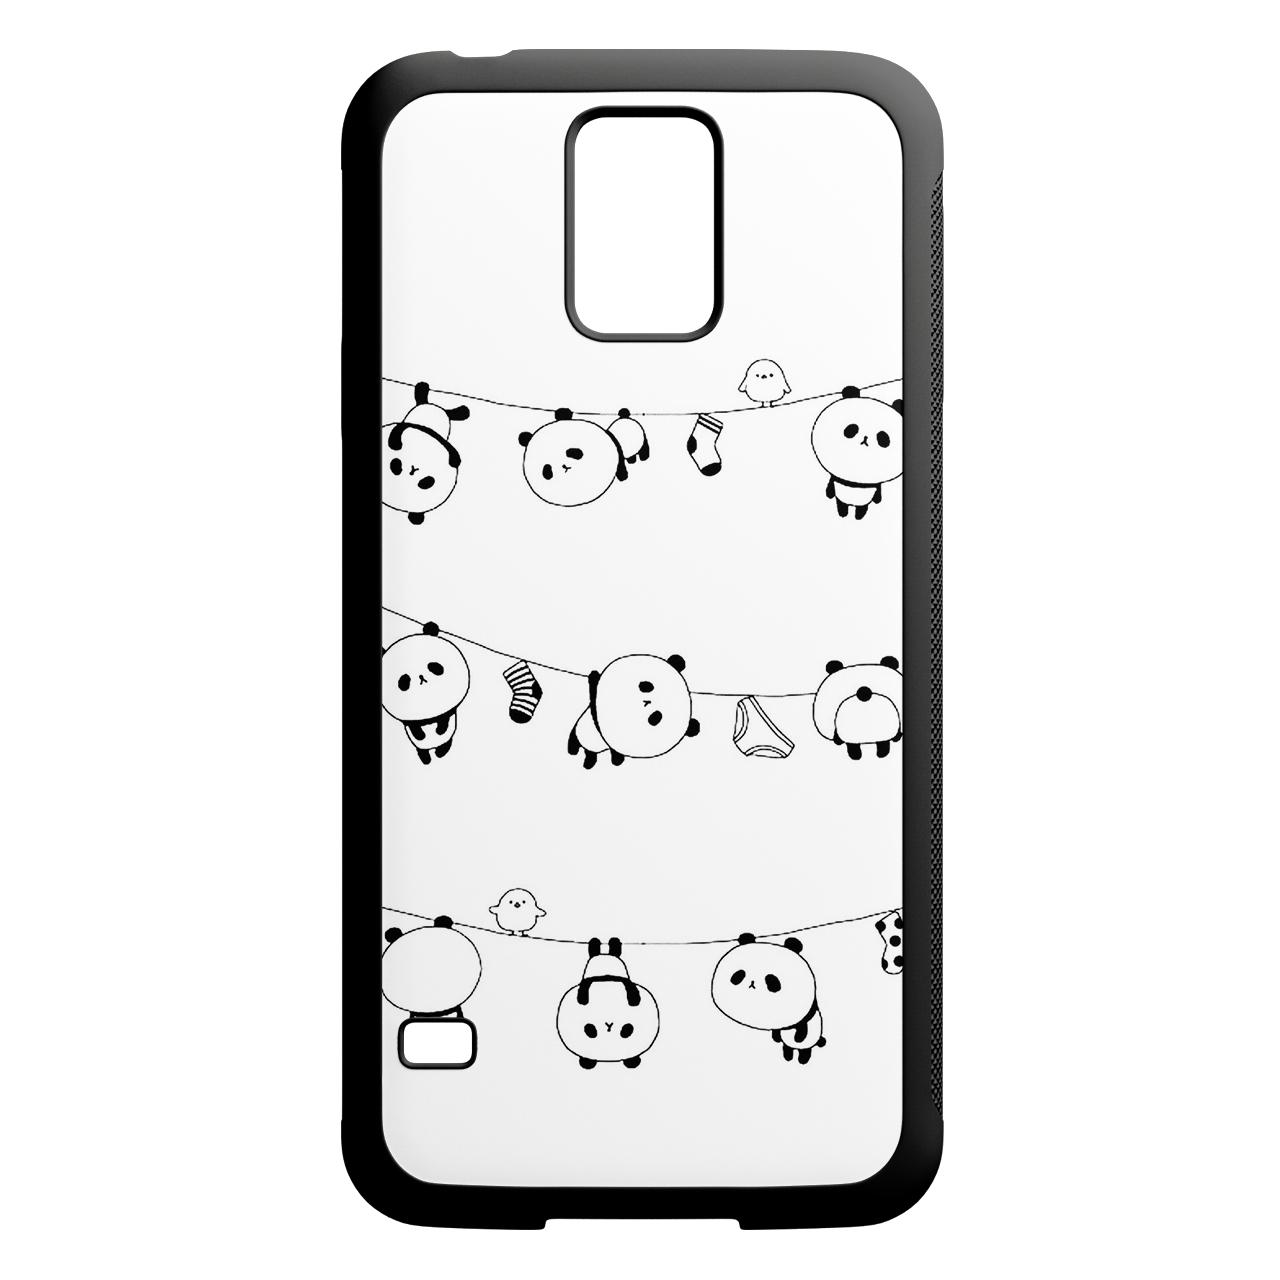 کاور طرح پاندا کد 1105409127 مناسب برای گوشی موبایل سامسونگ galaxy s5